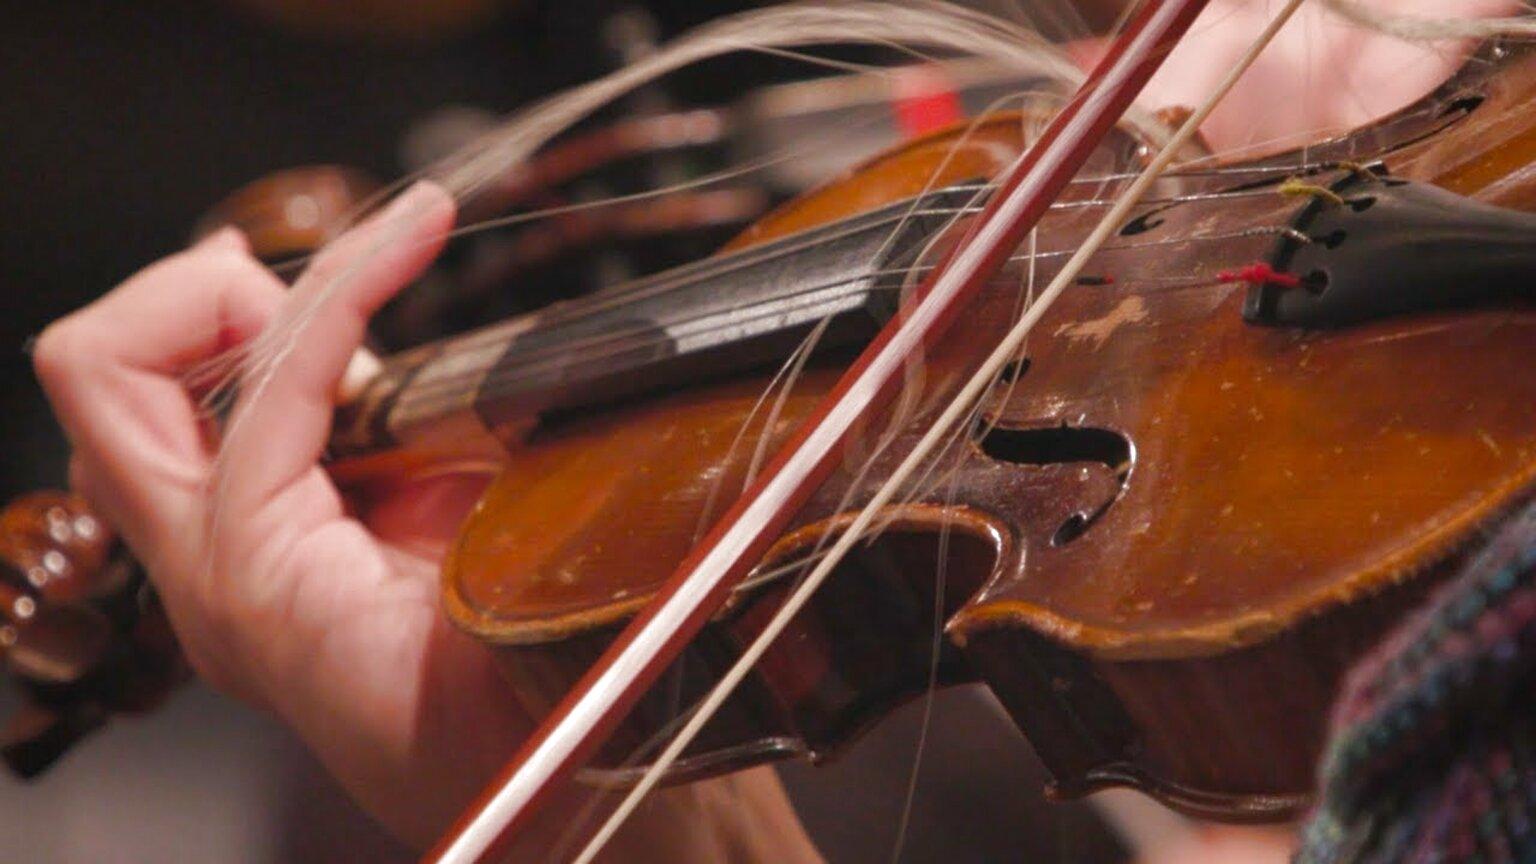 broken instruments for sale